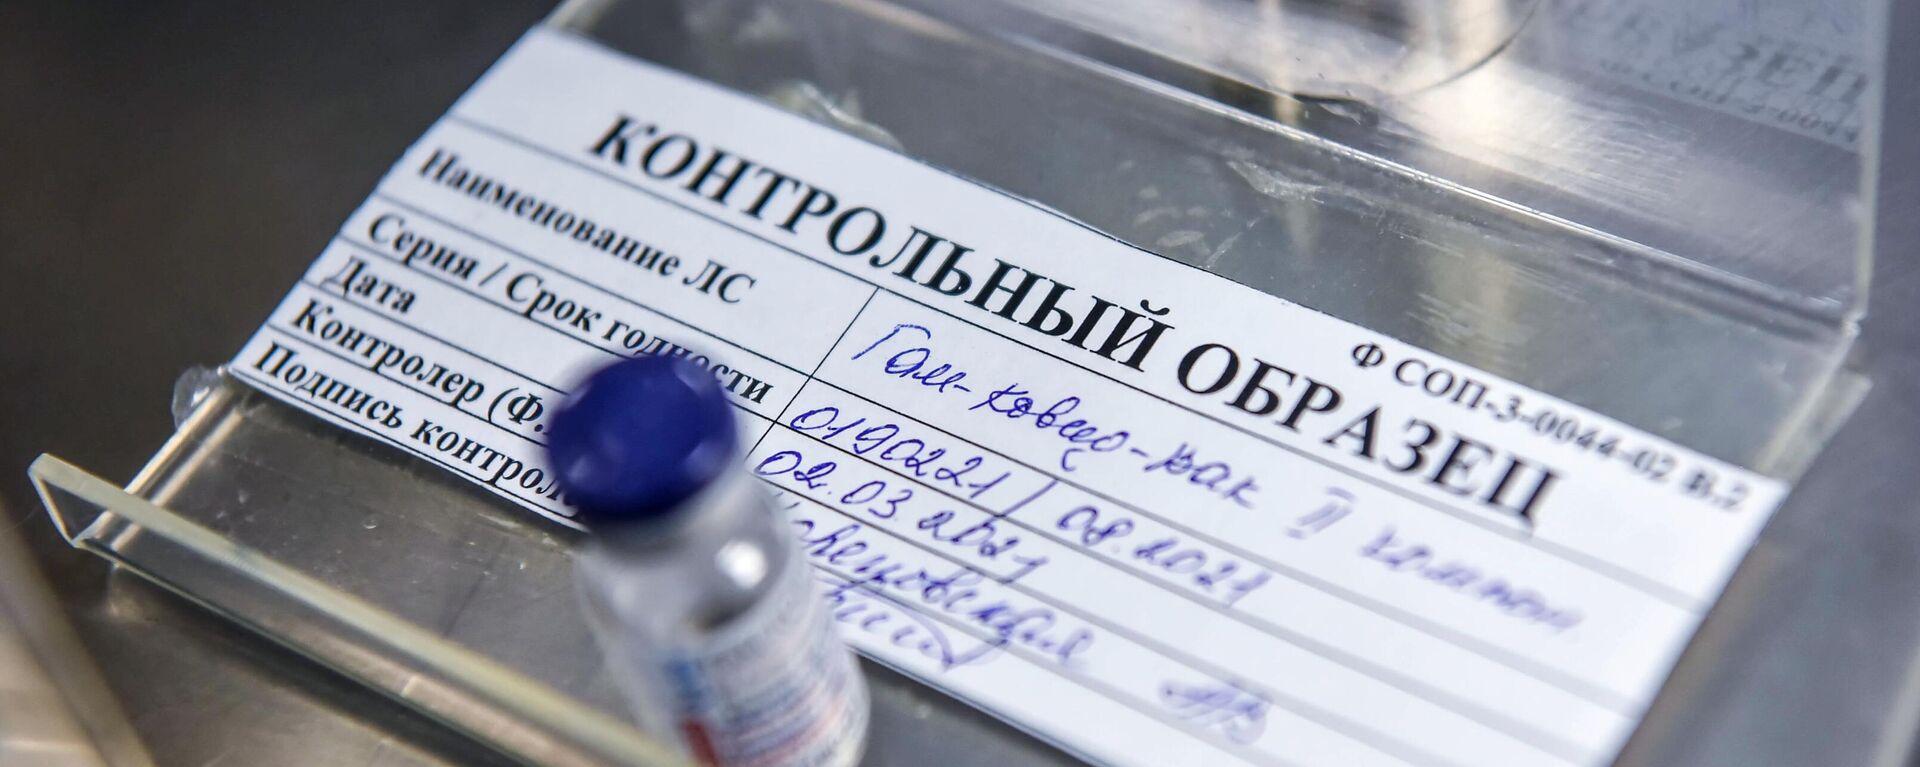 Контрольный образец вакцины Спутник V на производстве - Sputnik Latvija, 1920, 20.07.2021